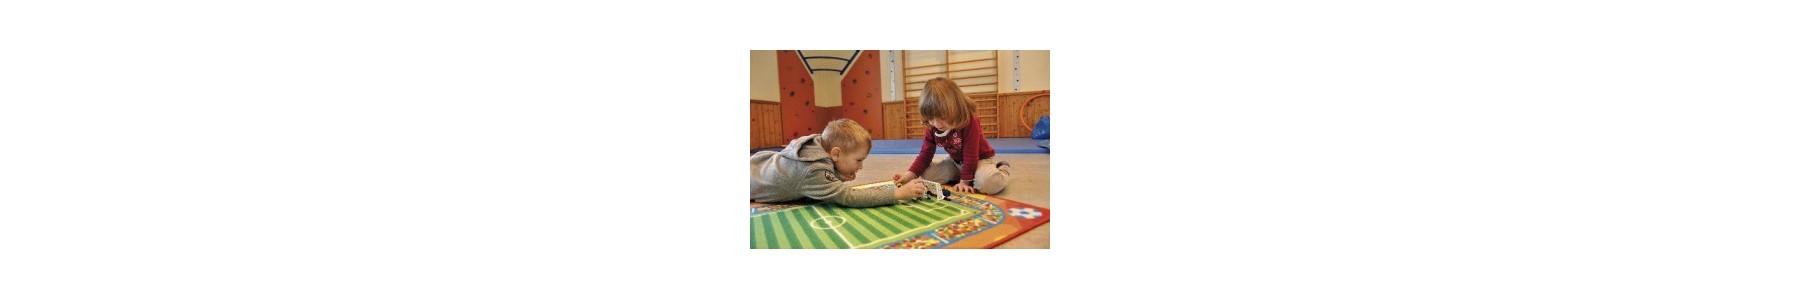 Spielecken, Möbel  & Raumaustattung